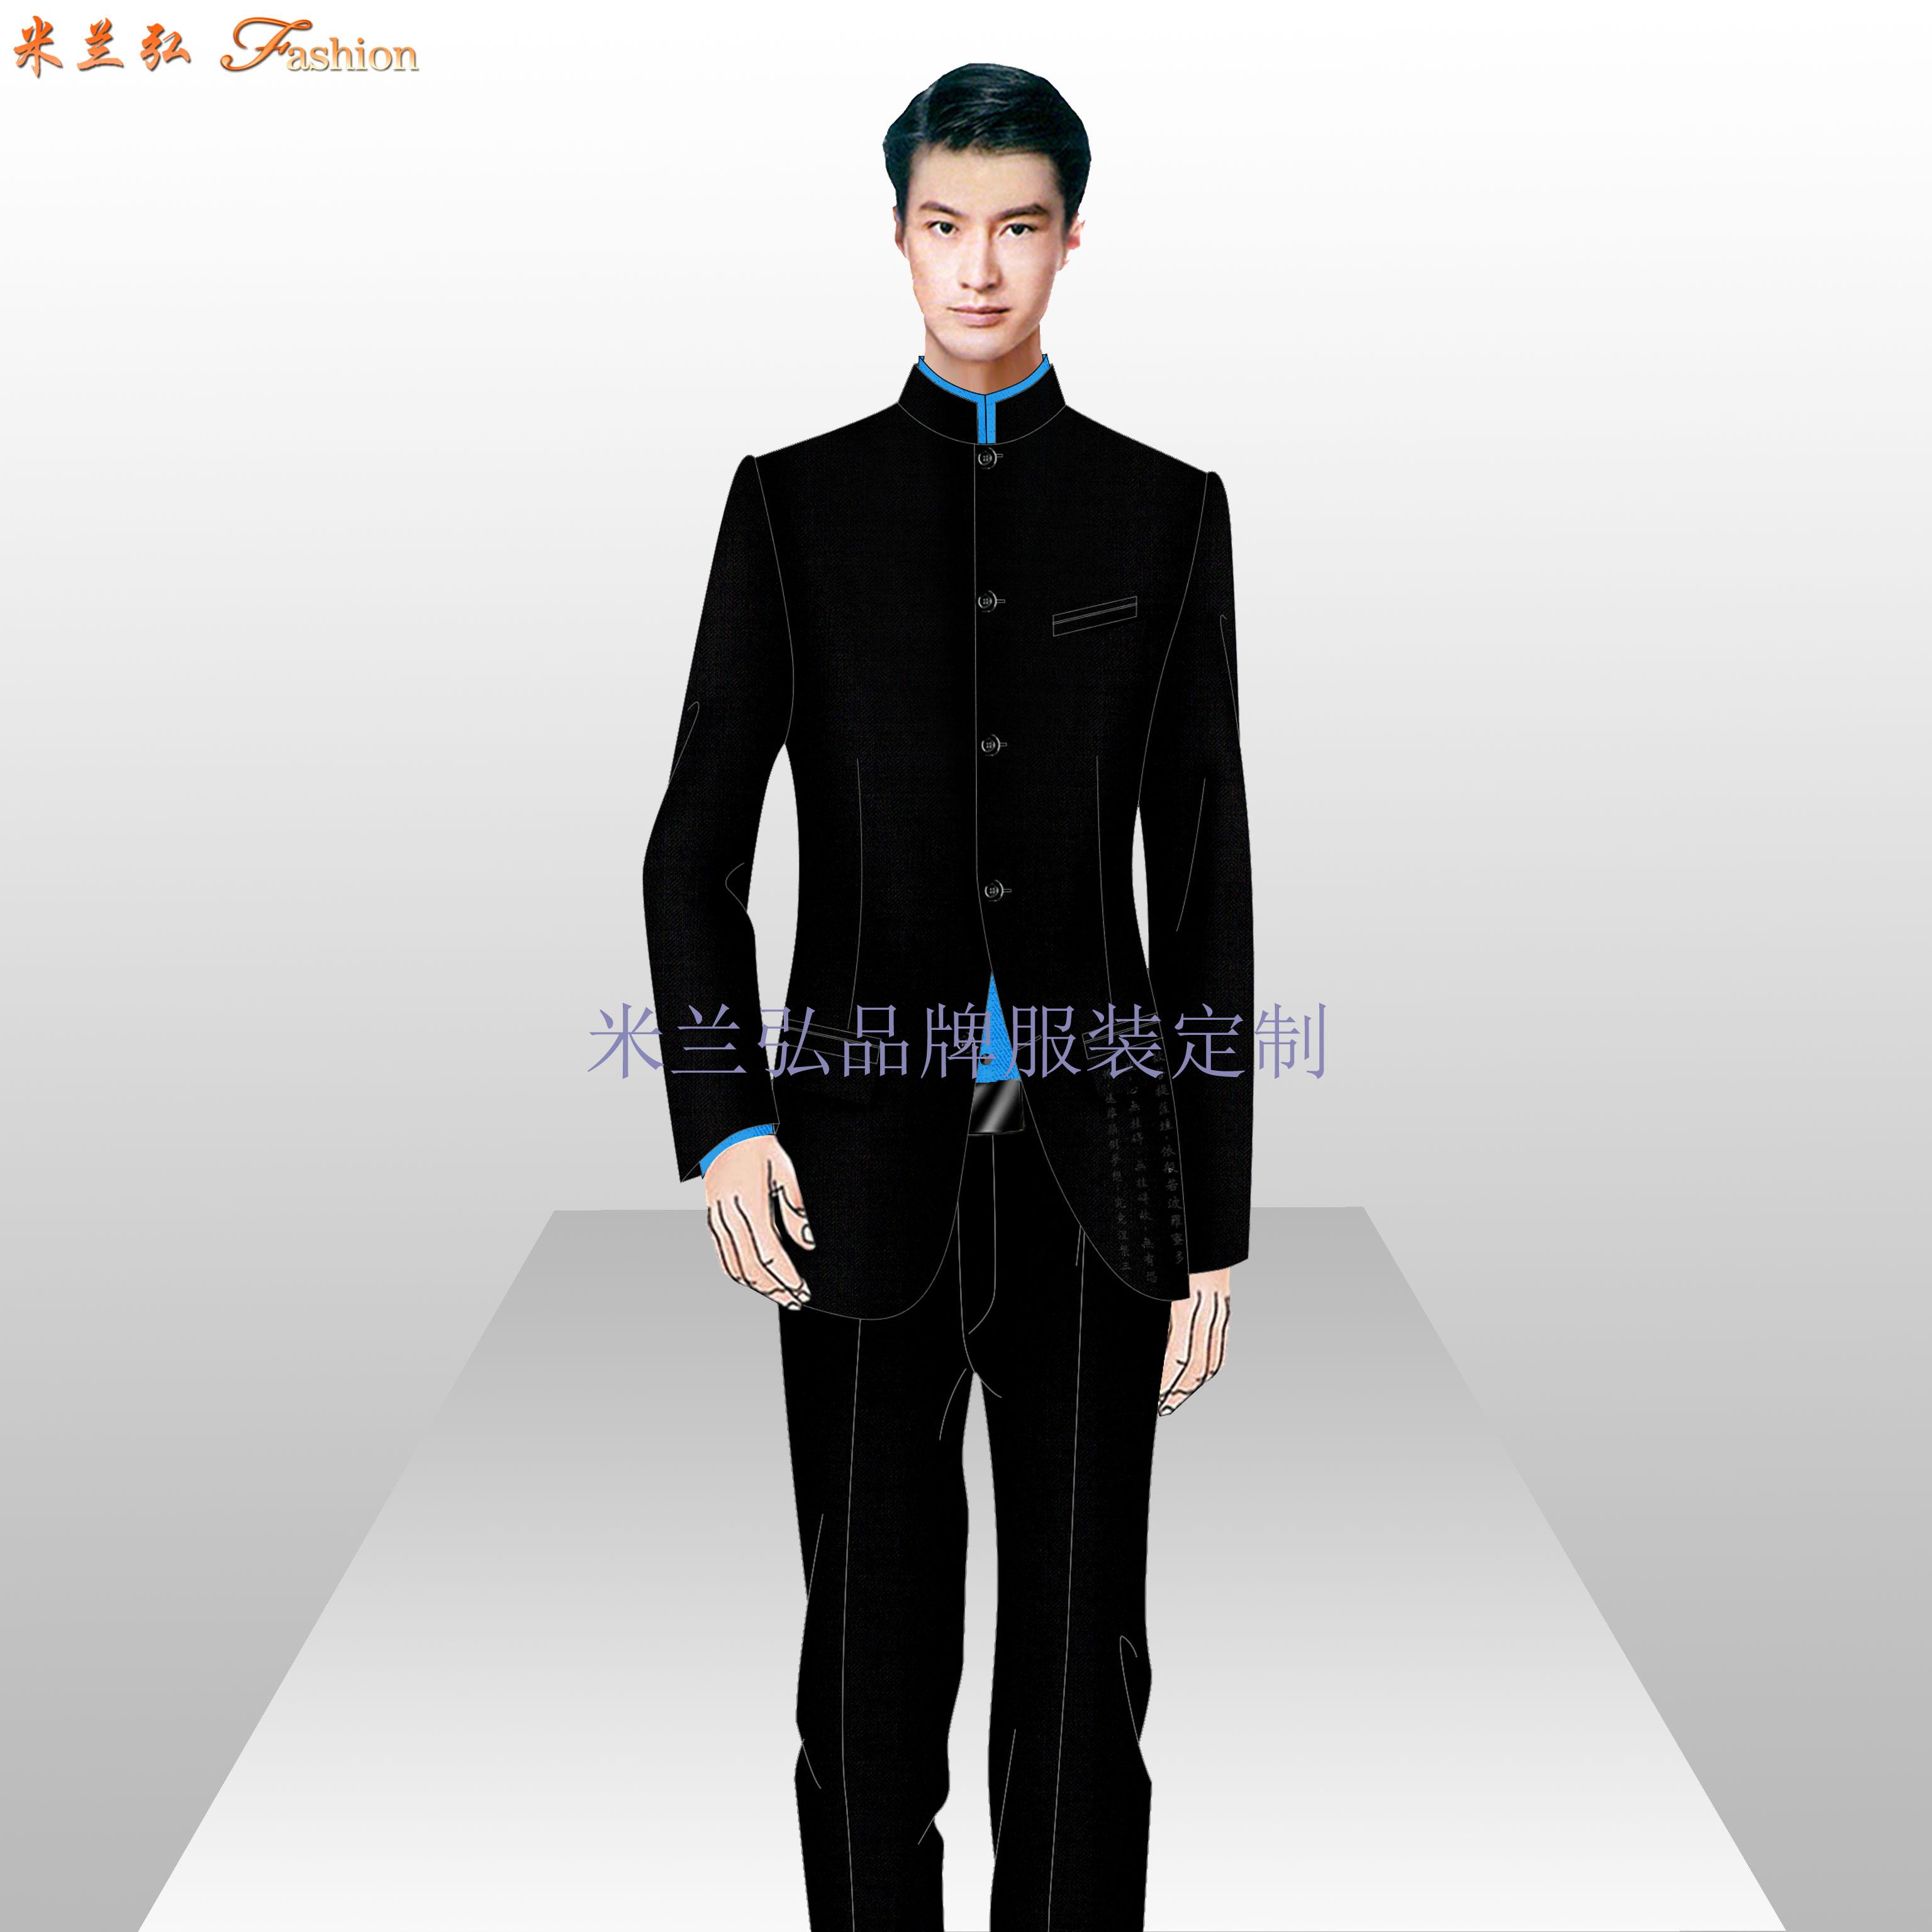 密雲區西服定製_北京密雲職業裝訂做-最新送体验金网站服裝廠家-1